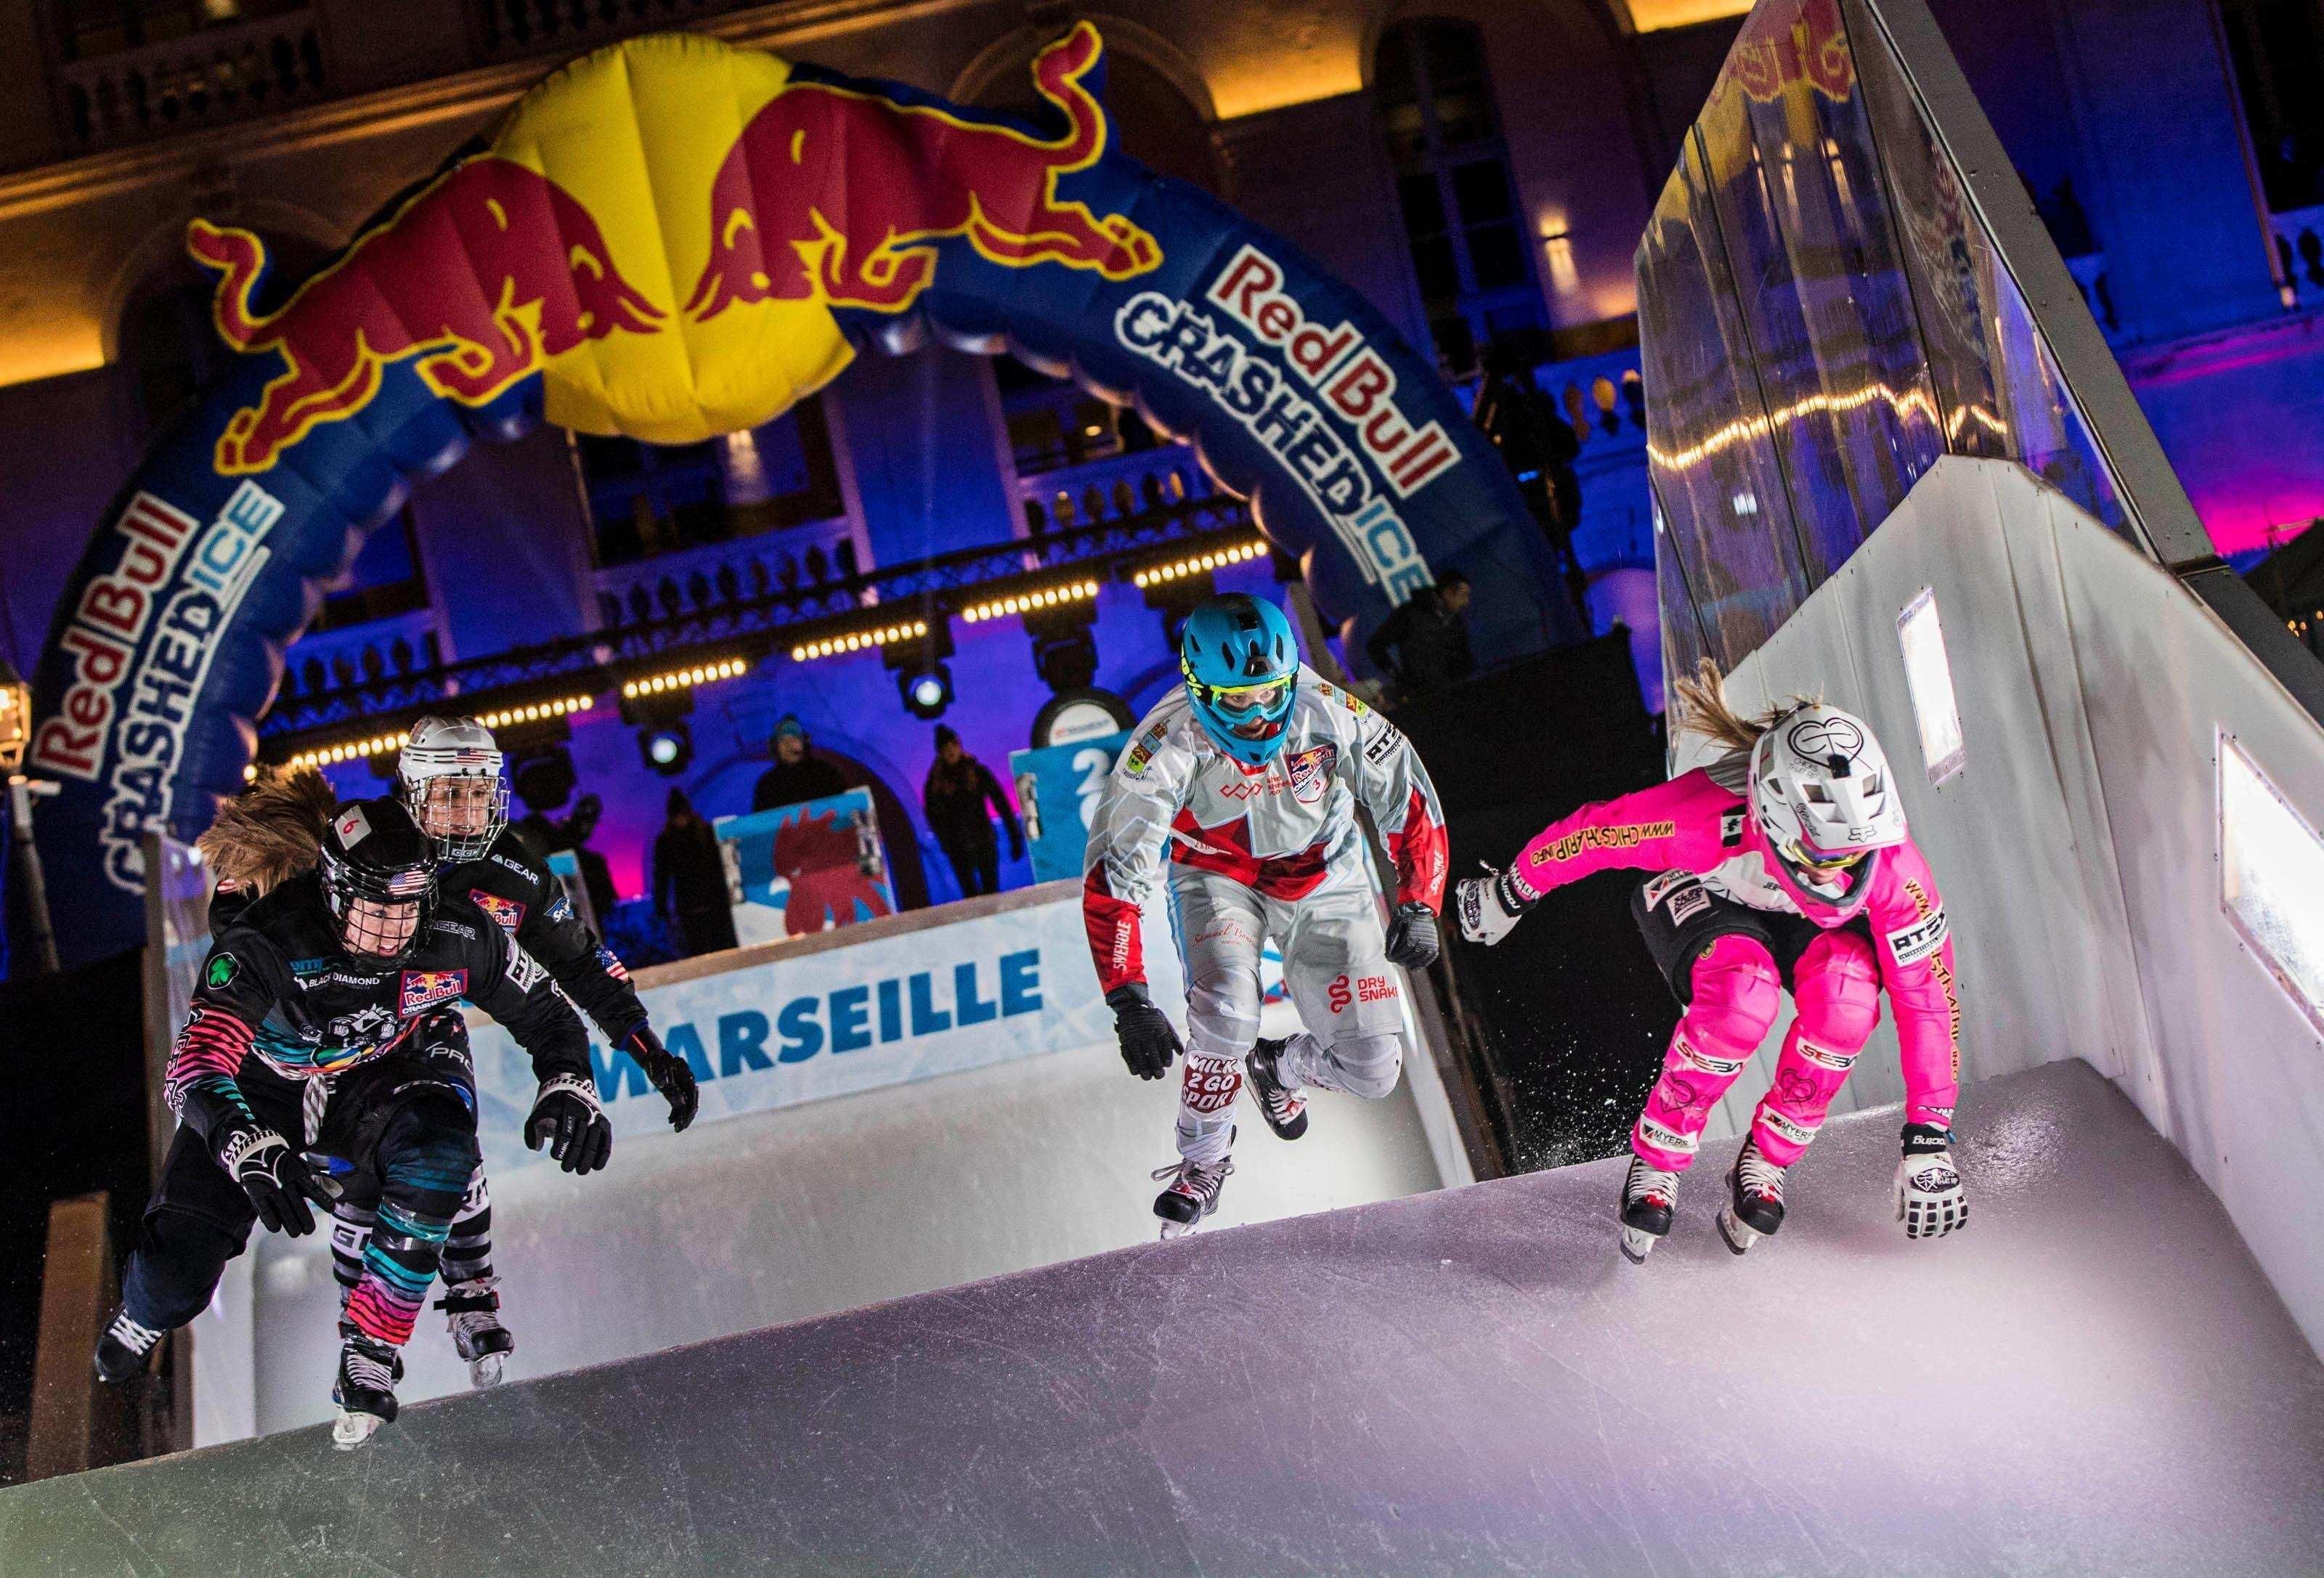 Jacqueline Legere RedBull Crashed Ice 2